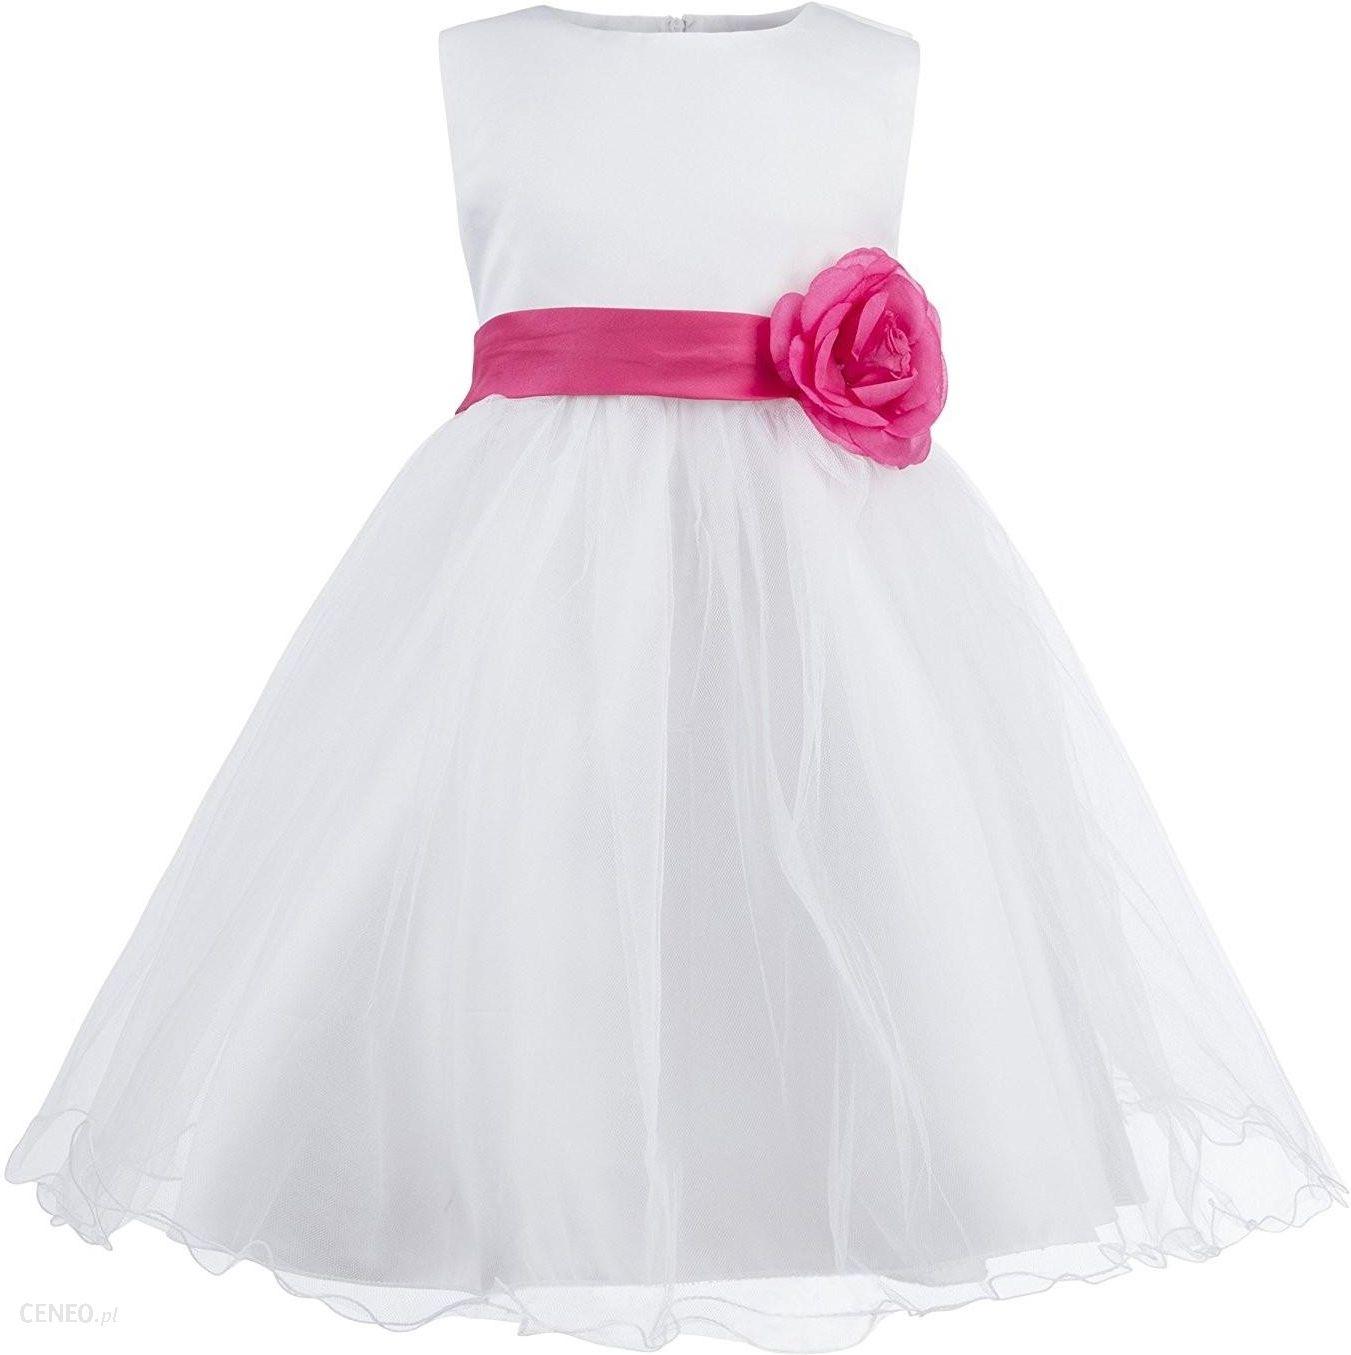 158ed0895a Rubies Piękna sukienka dla dziewczynek komunia ślub przebranie - zdjęcie 1